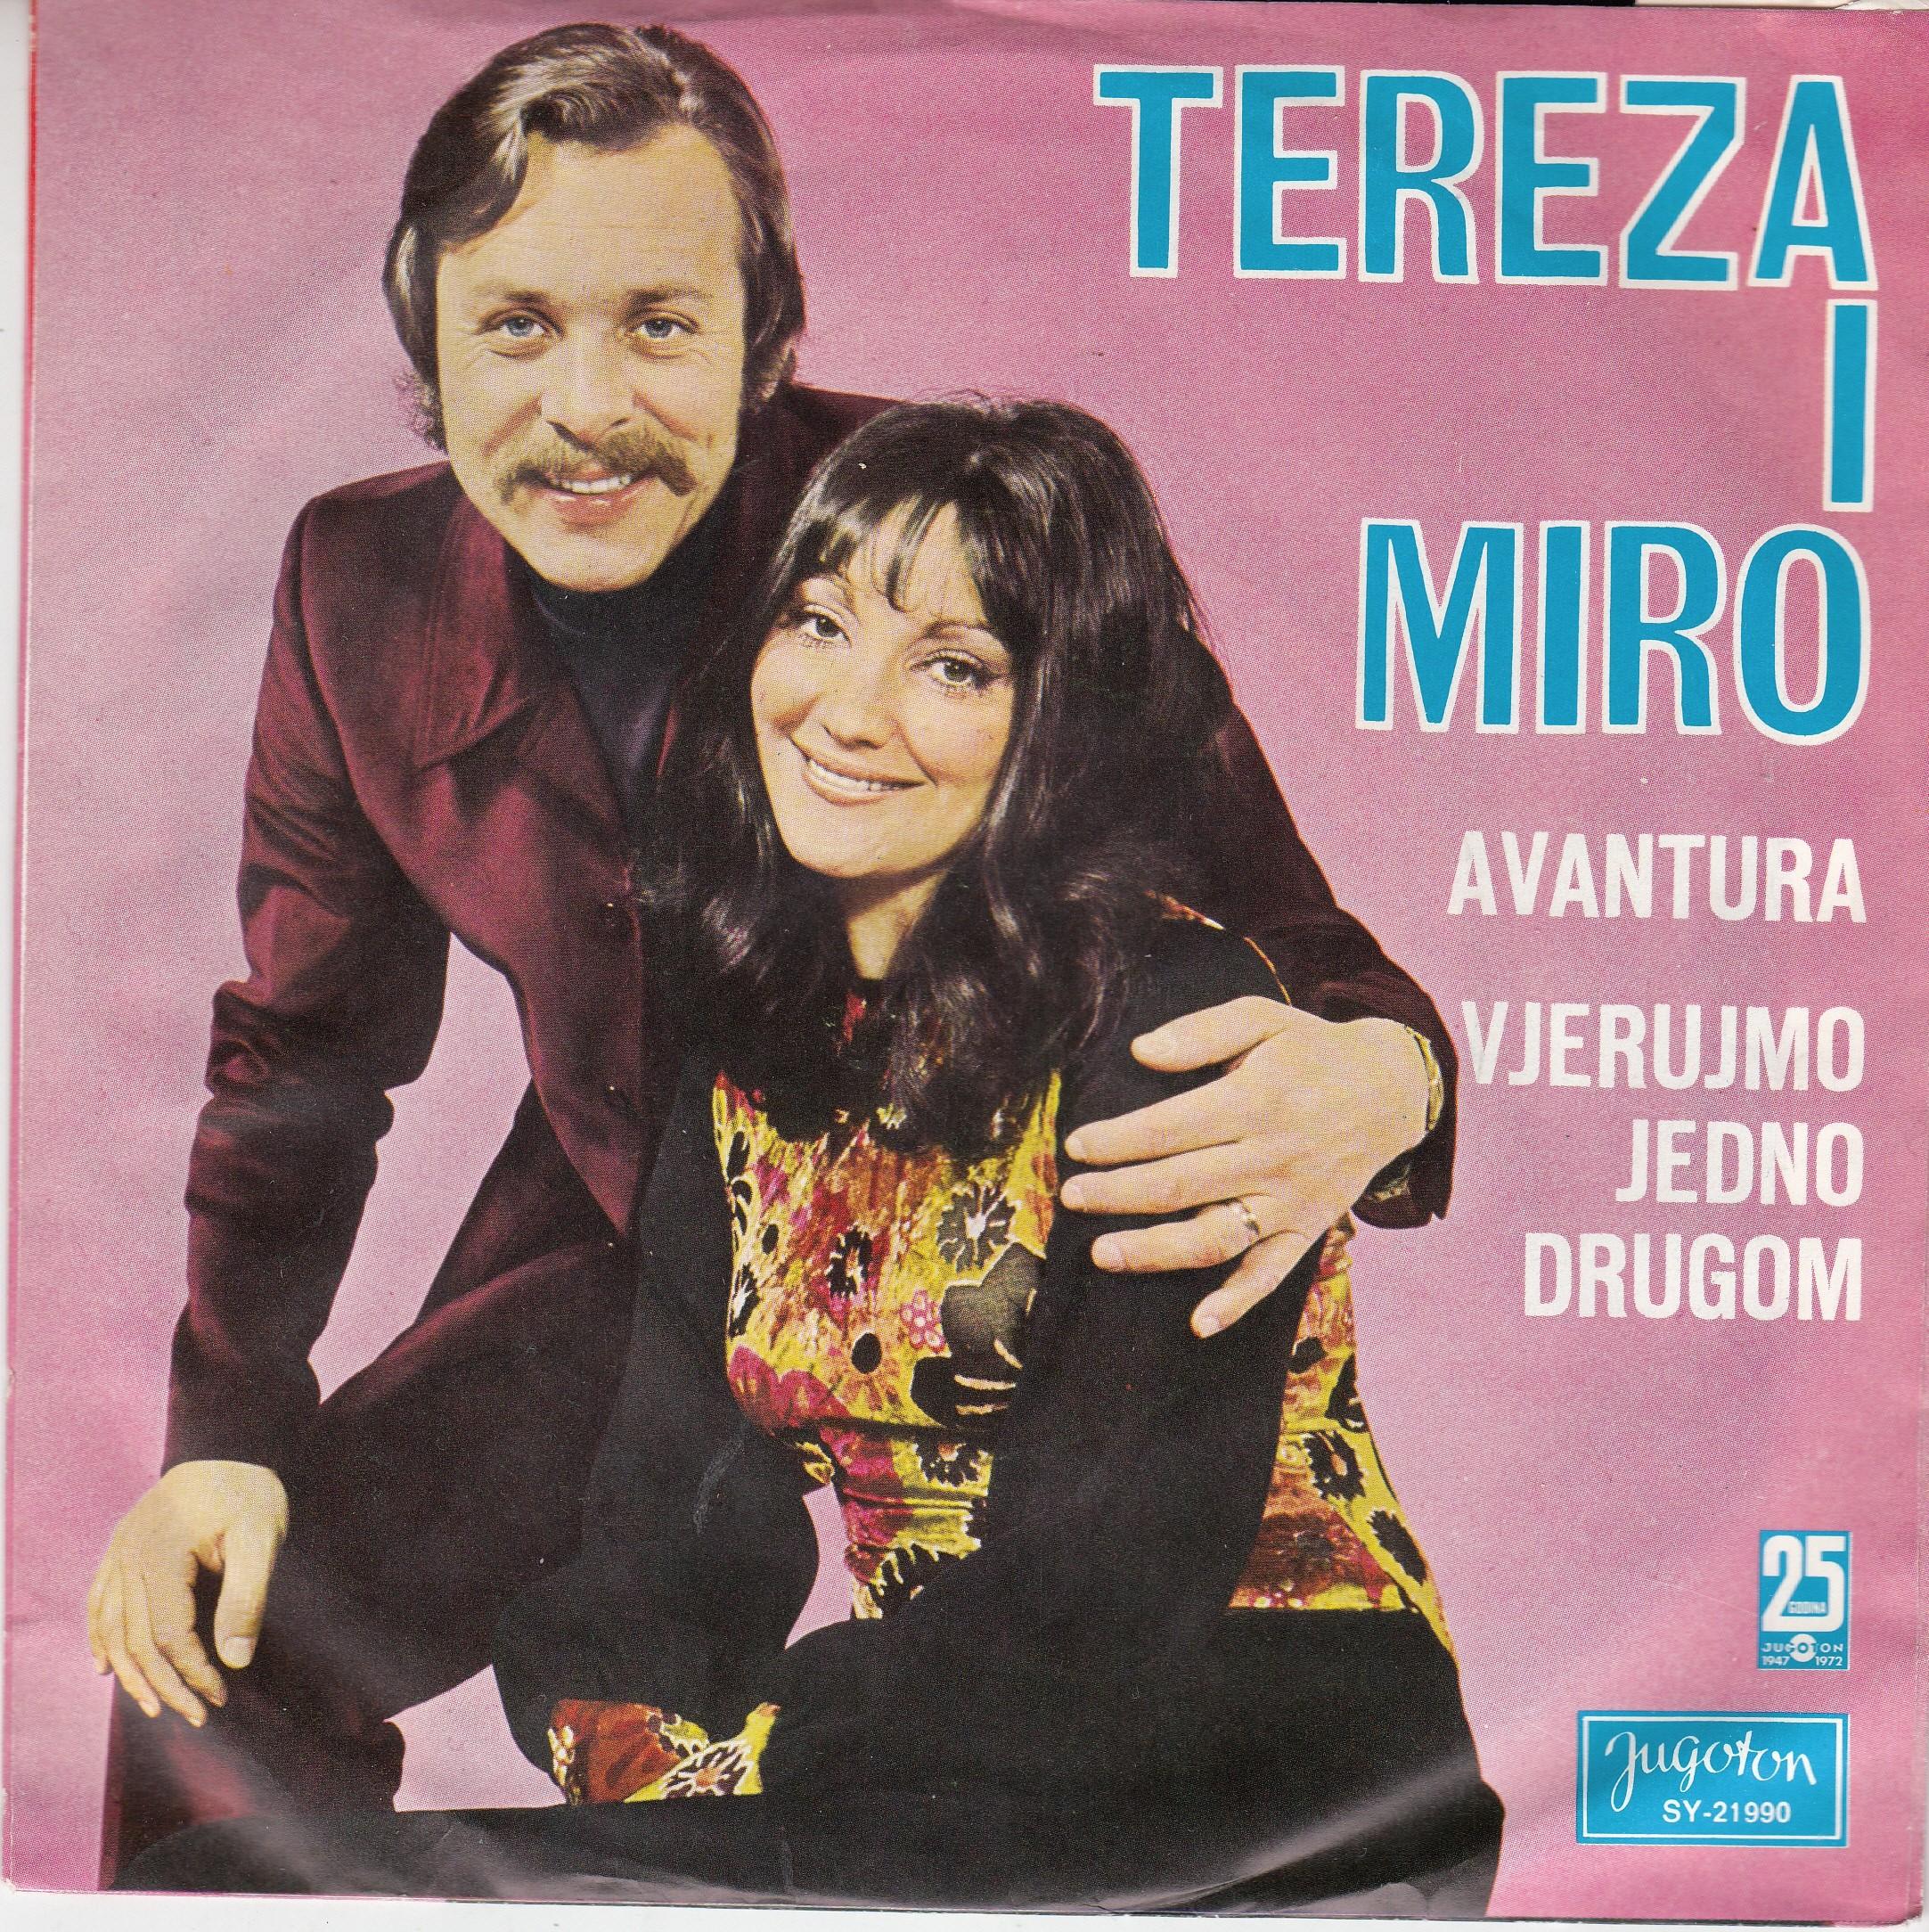 Kesovija Tereza Miro Ungar - Avantura/vjerujmo Jedno Drugom